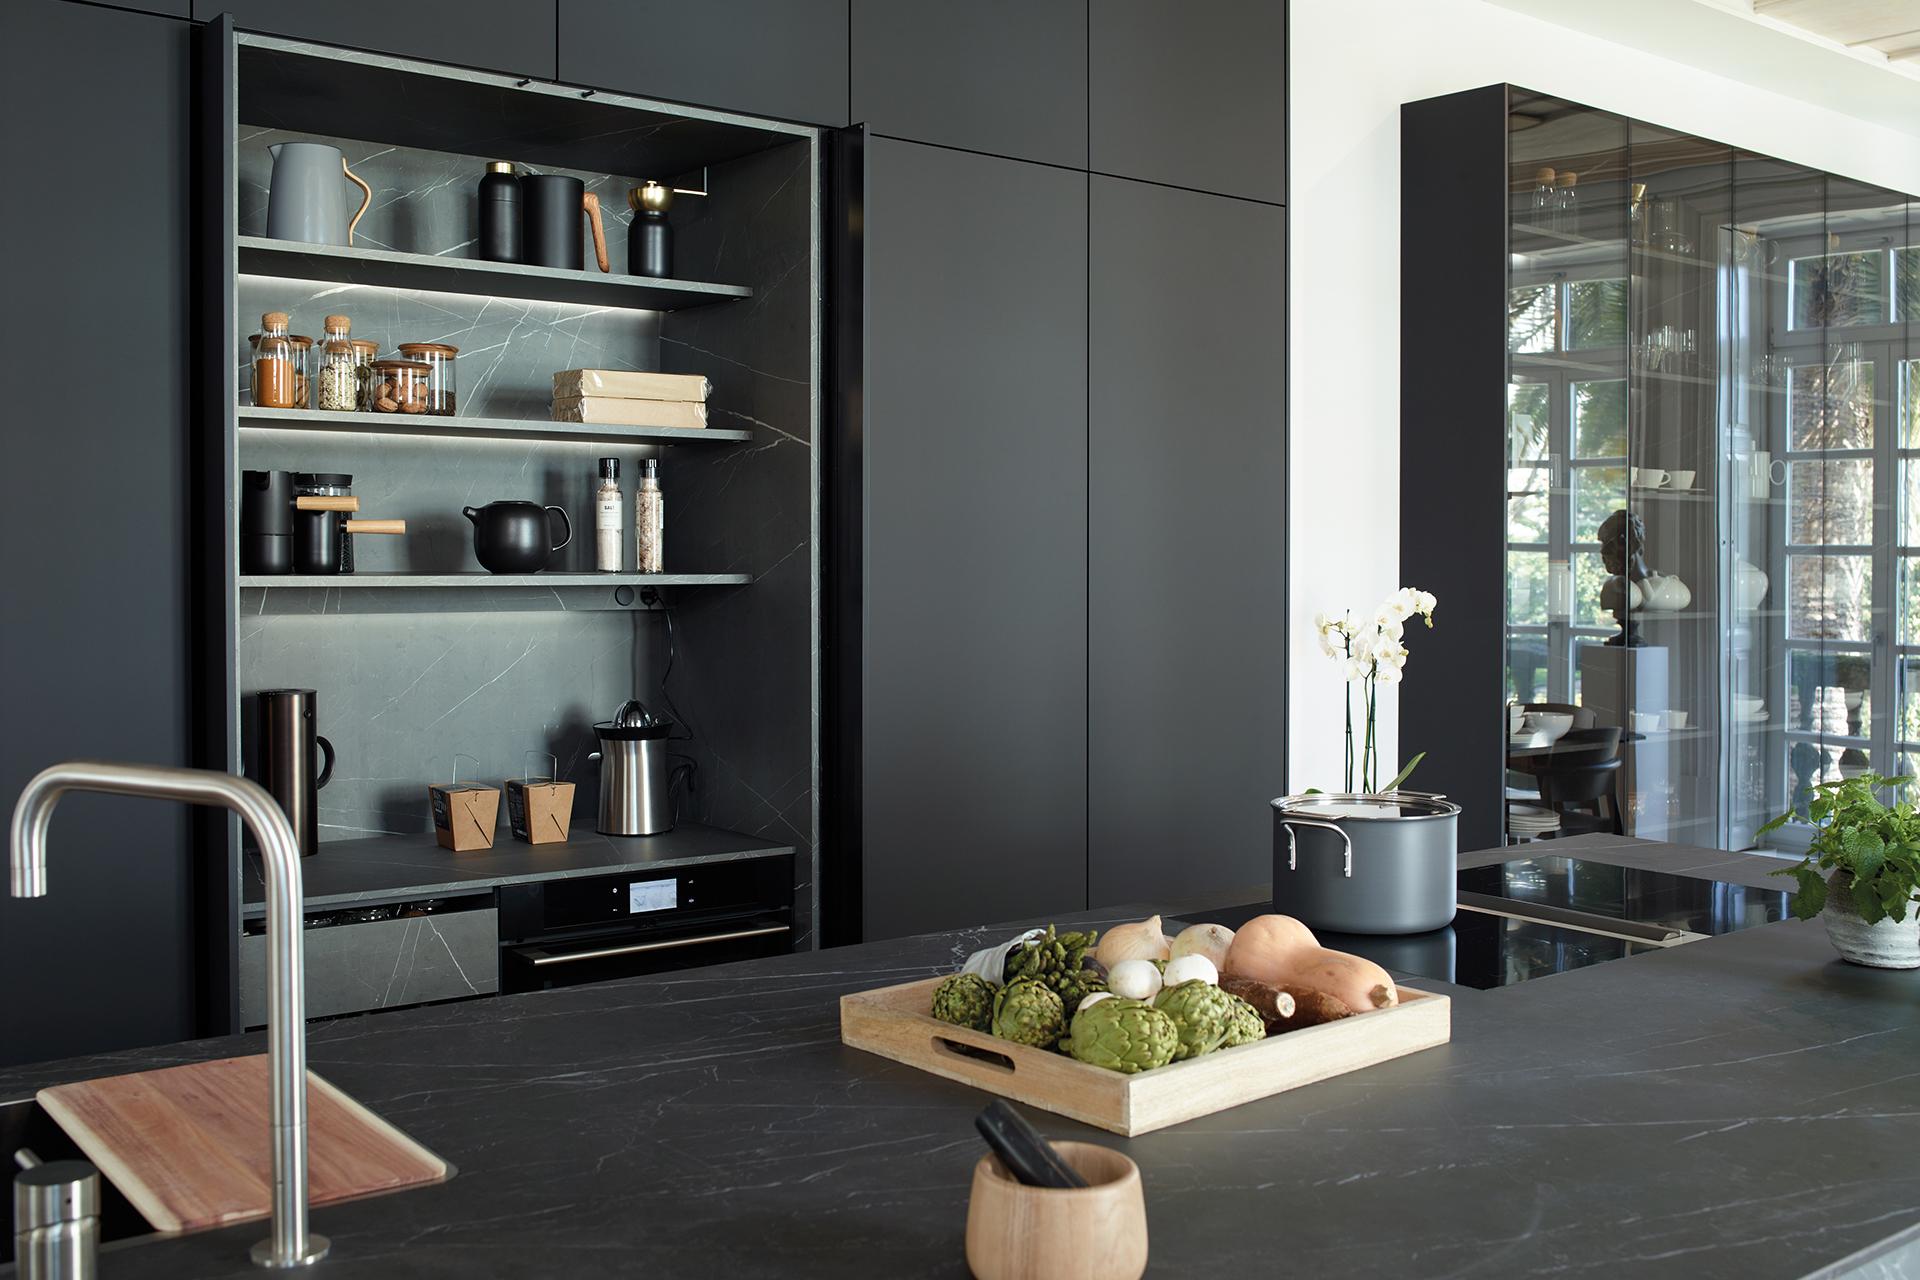 Cocina negra en paralelo abierta al comedor, equipada con muebles diseñados por Santo